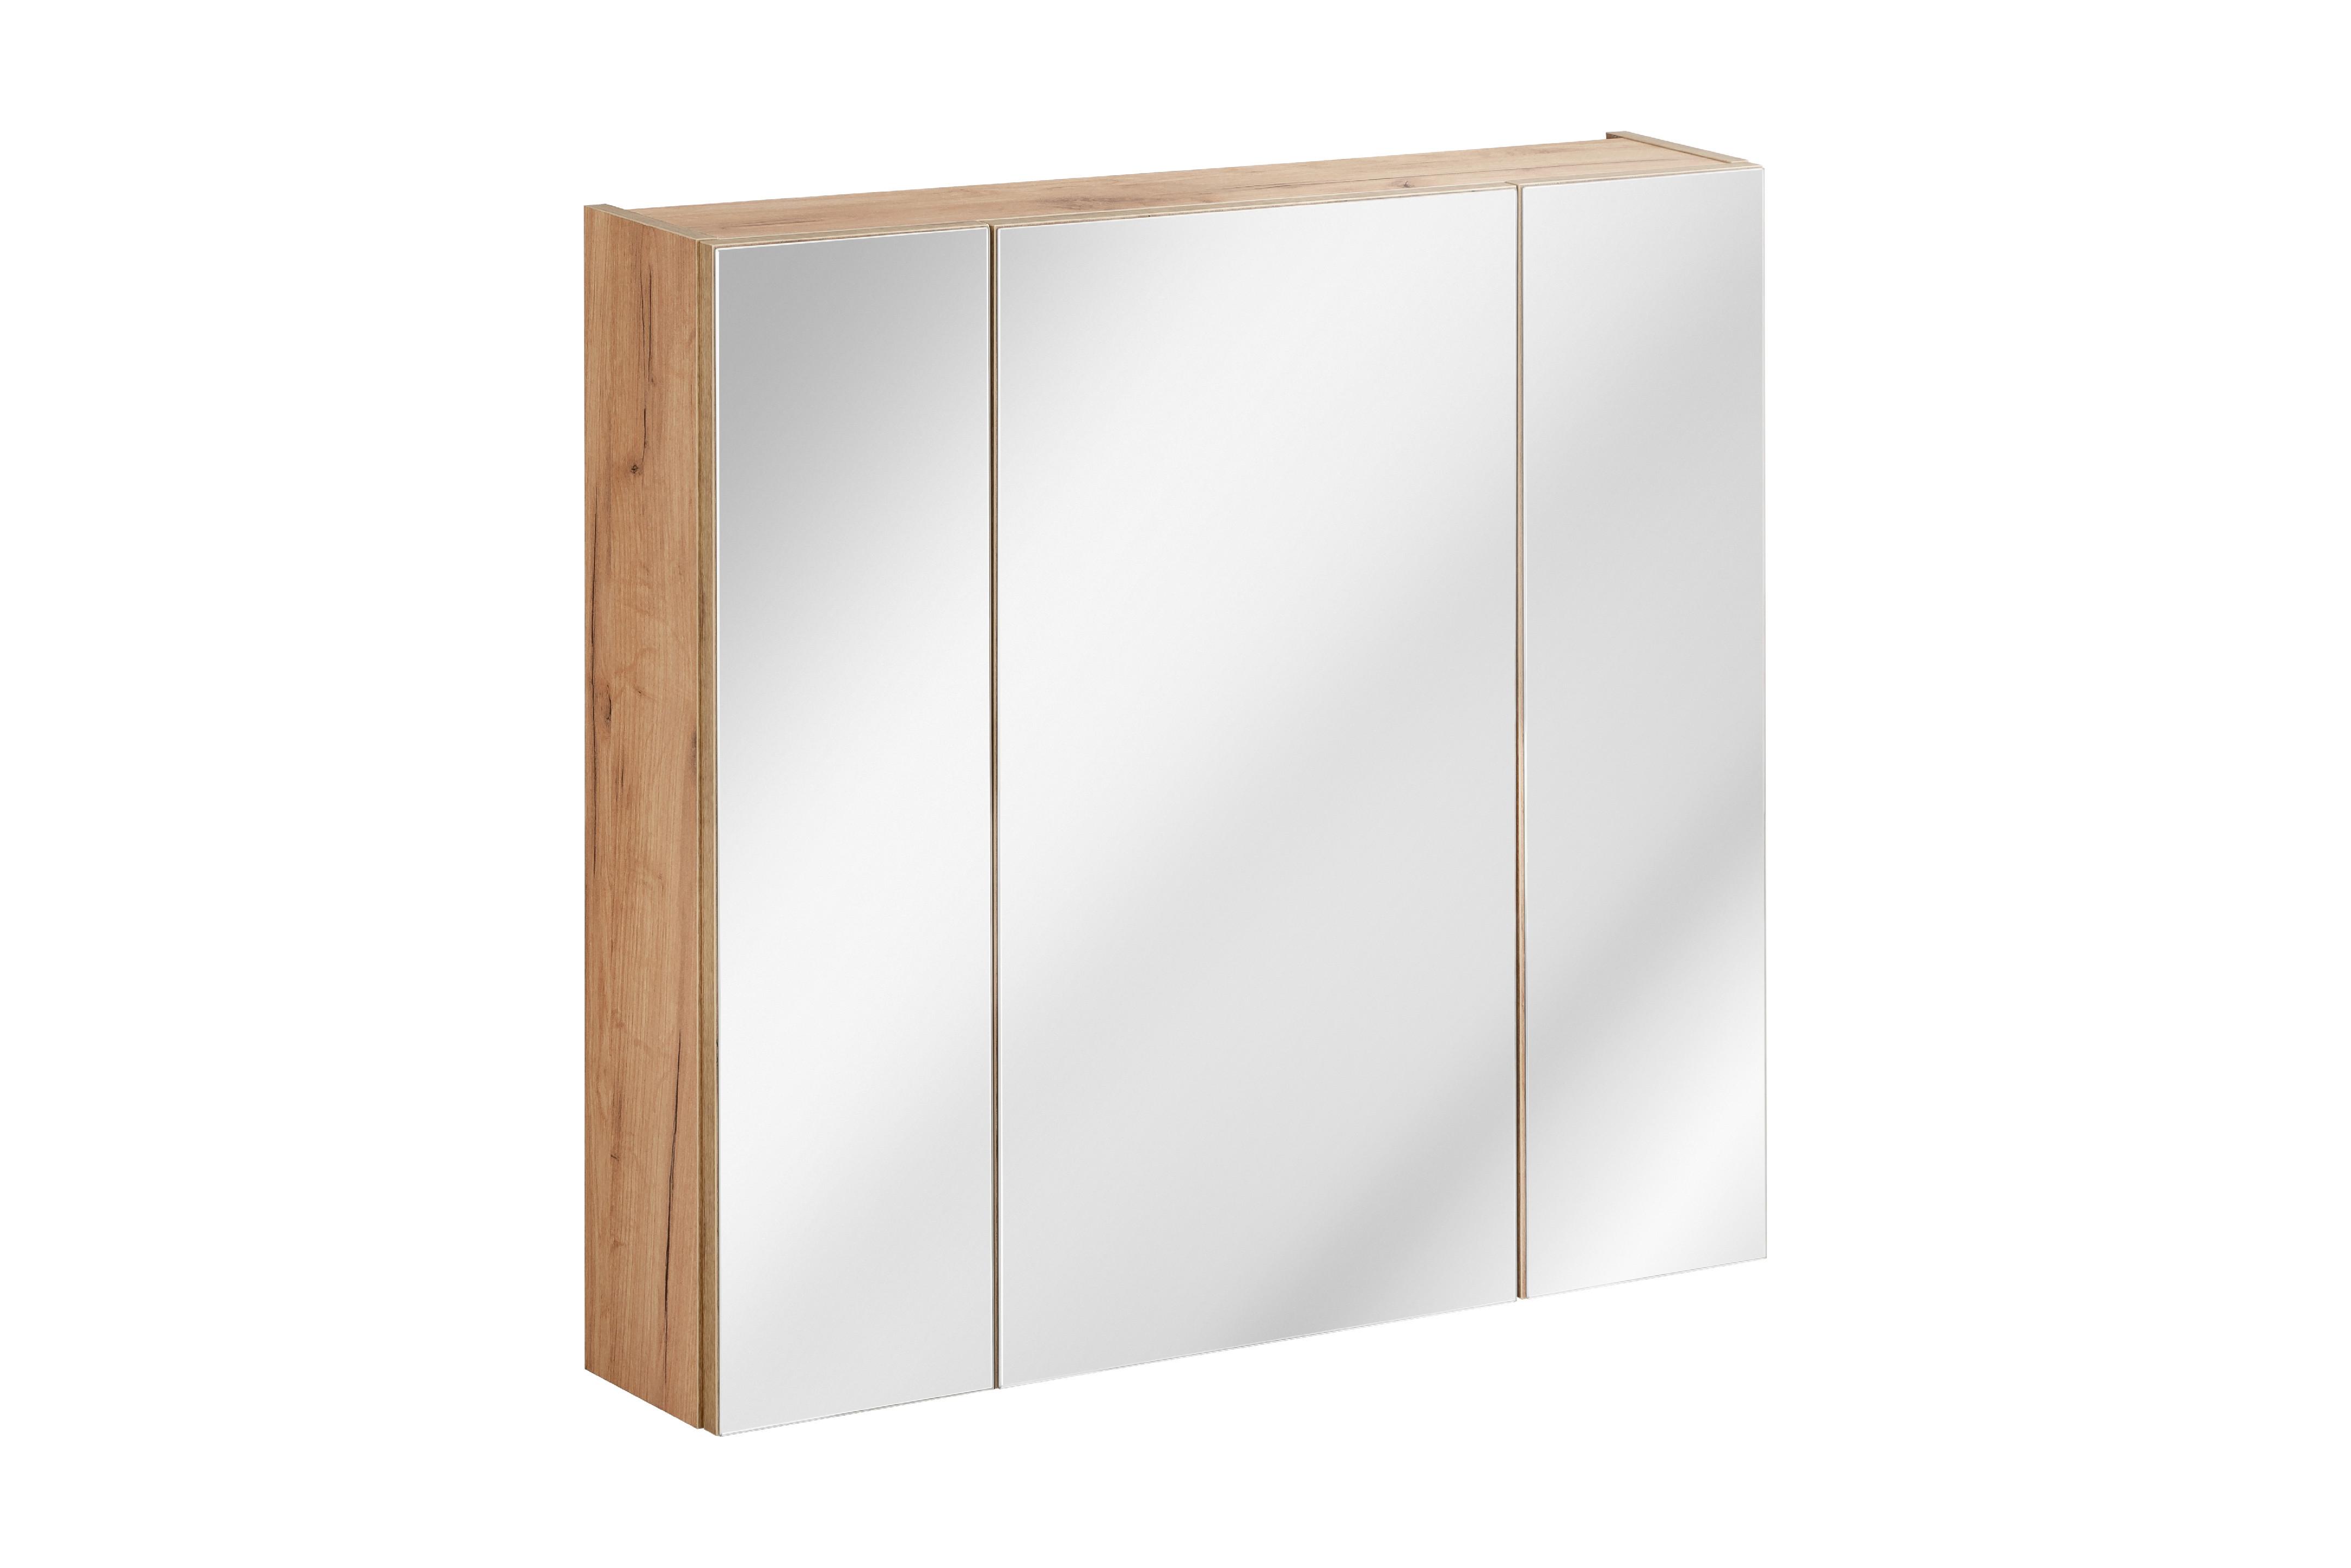 ArtCom Kúpeľňová zostava Capri   dub zlatý Capri   dub zlatý: Horná zrkadlová skrinka 843 - 80 cm